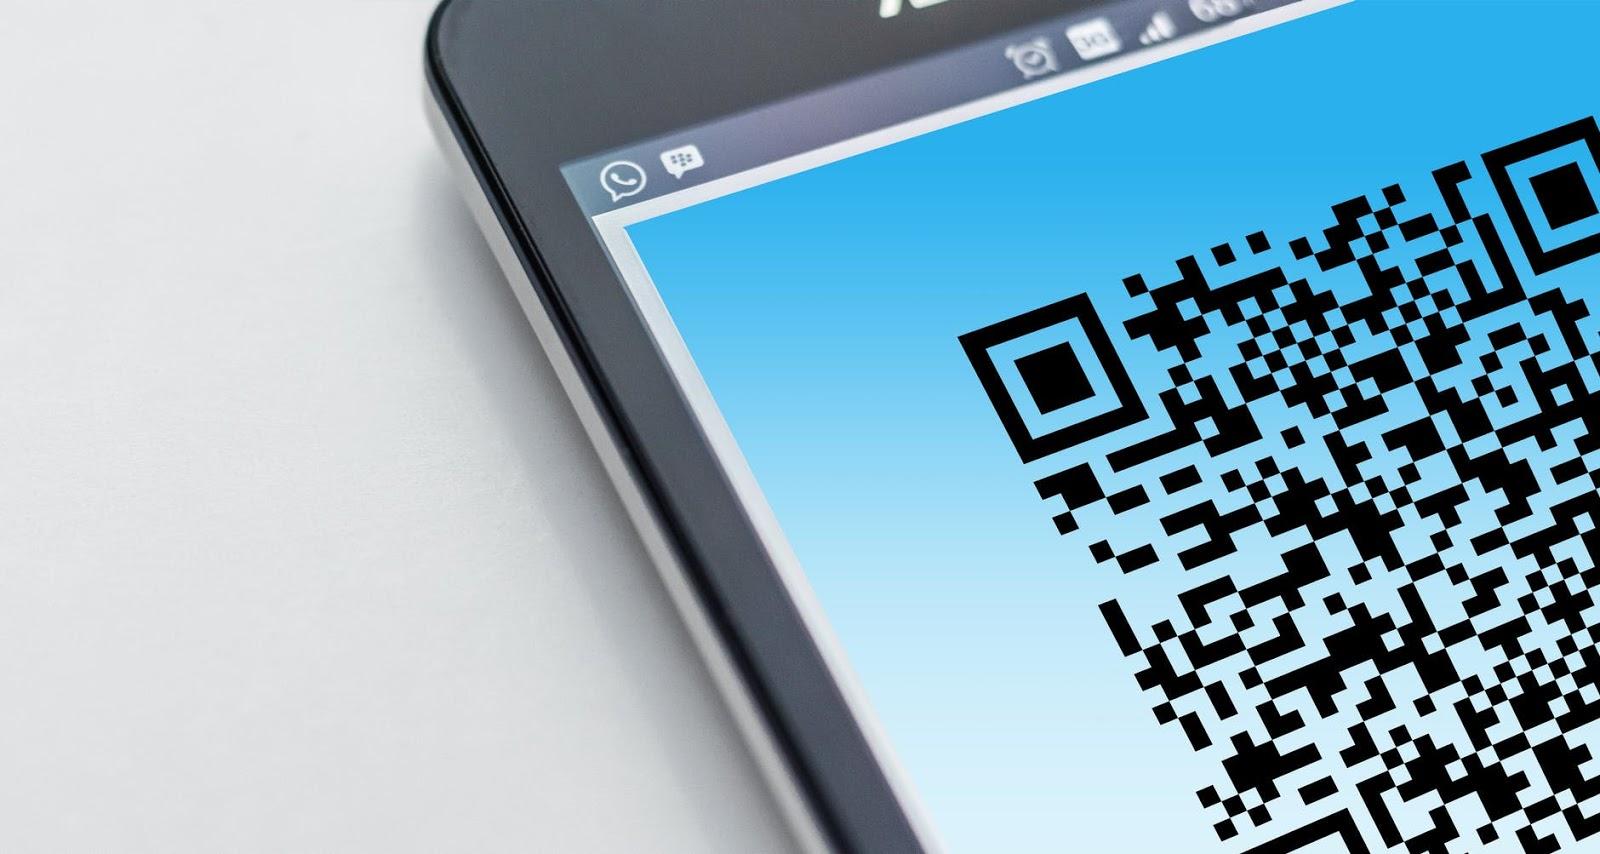 """تحميل أحدث تطبيق """"بار كود Barcode"""" أسرع ماسح ضوئي والرمز الشريطي"""